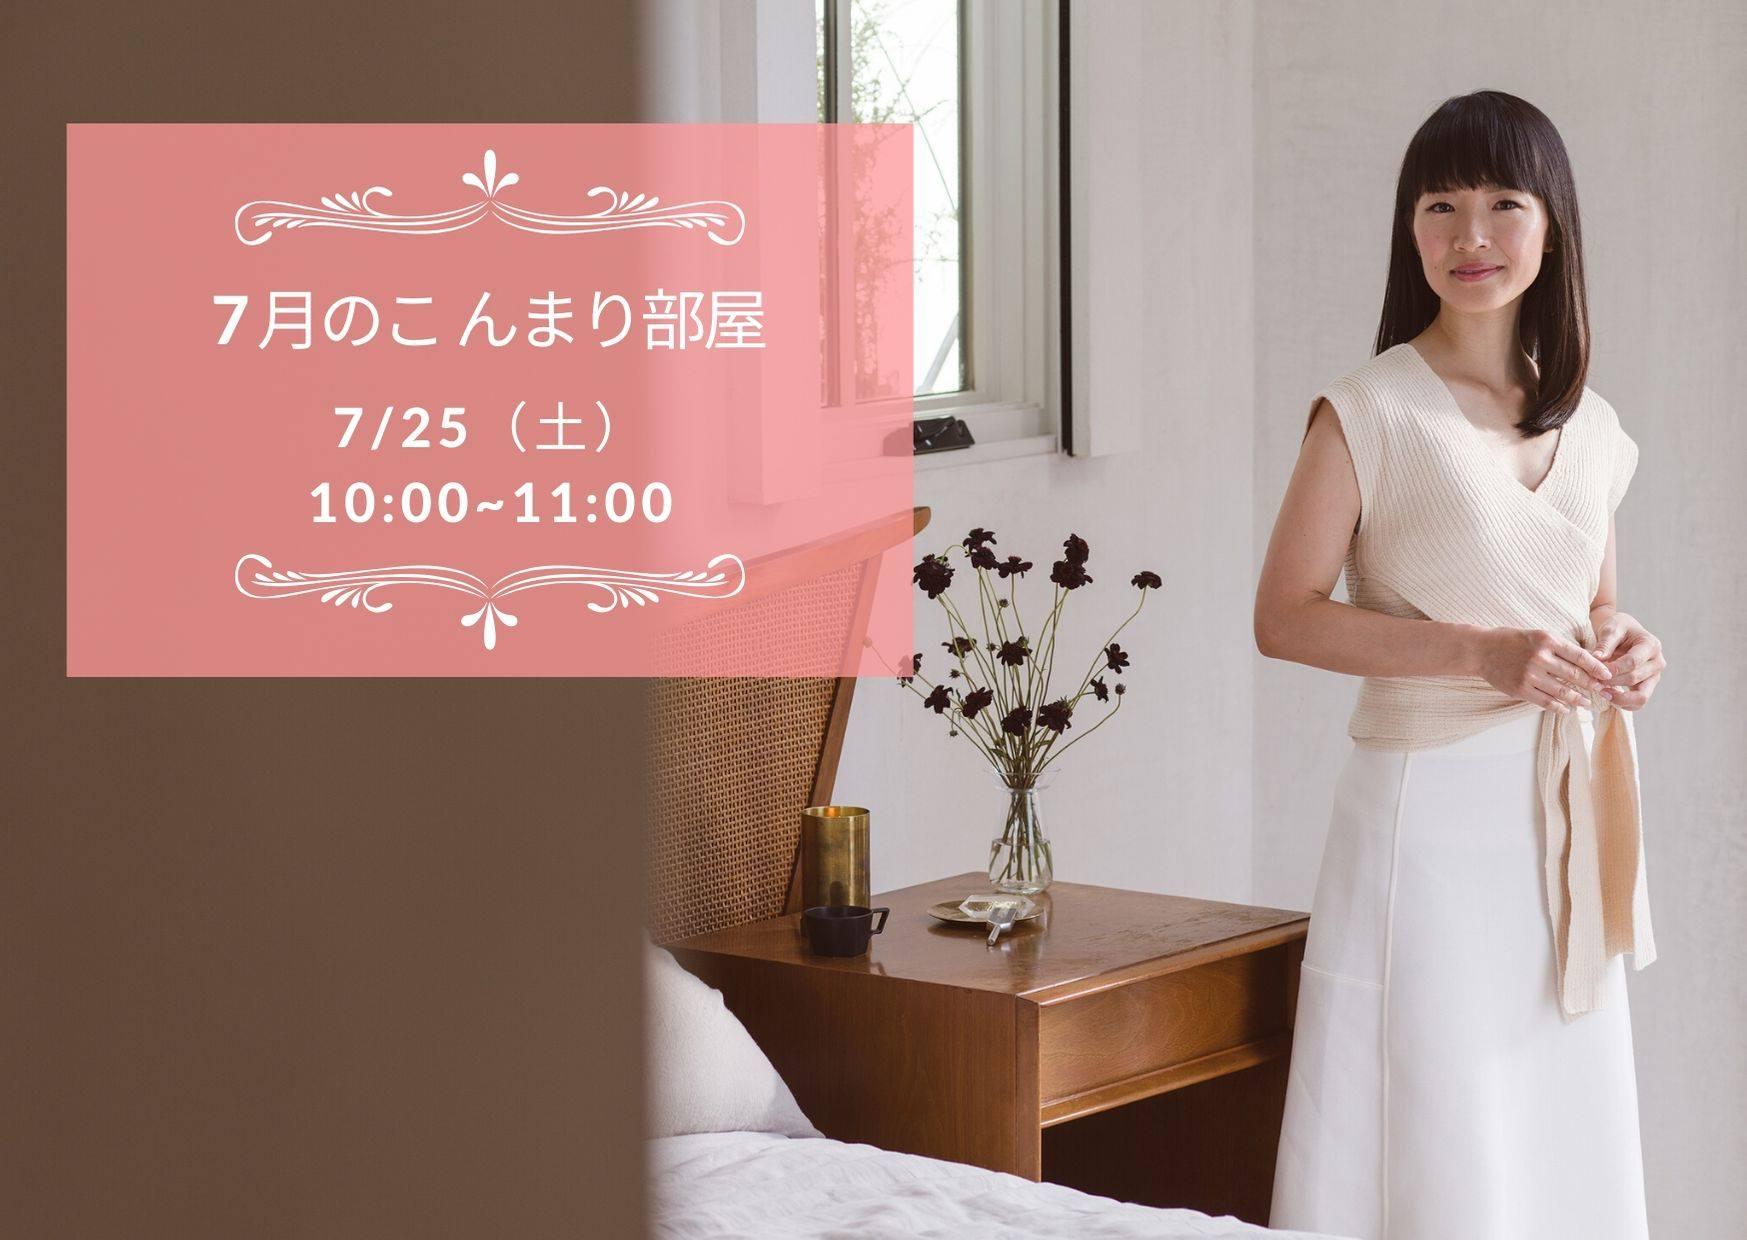 【LAからこんまりライブ配信!】7/25(土)こんまりサロン内にて開催